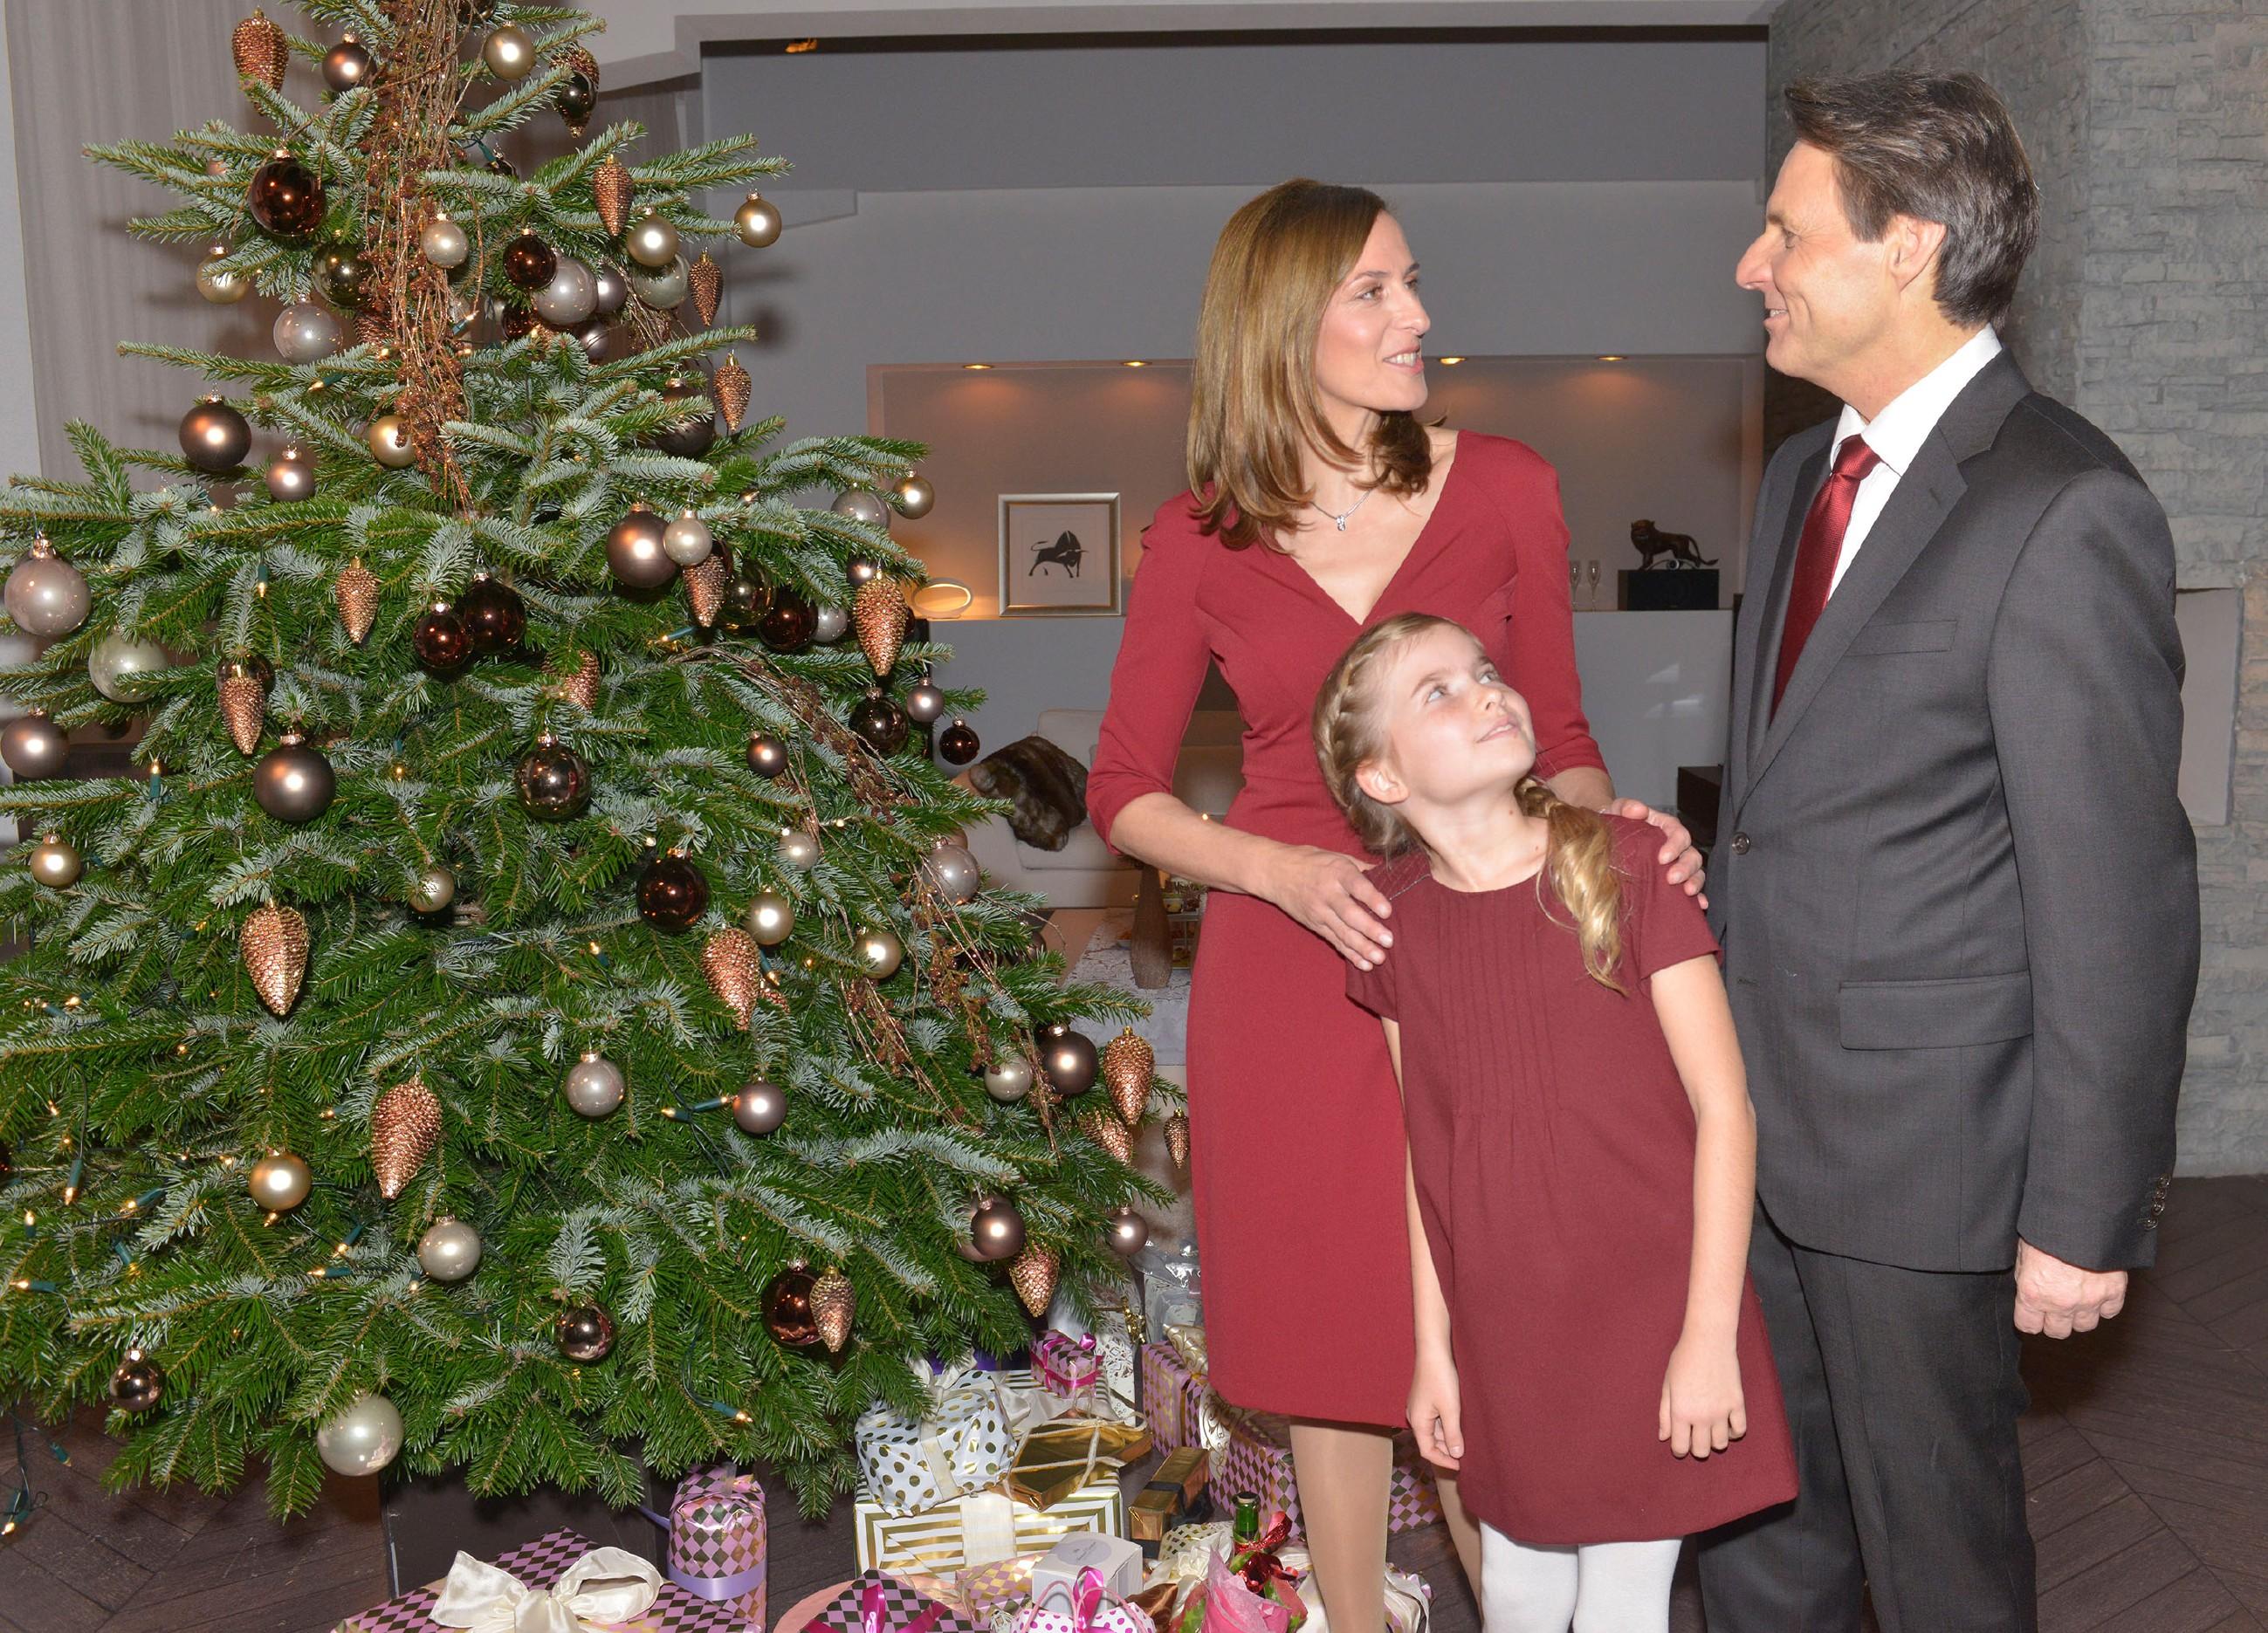 Gerner (Wolfgang Bahro) freut sich auf das Weihnachtsfest mit Katrin (Ulrike Frank) und Johanna (Charlott Reschke) und ahnt nicht, dass der wütende David auf dem Weg zu ihm ist... (Quelle: RTL / Rolf Baumgartner)